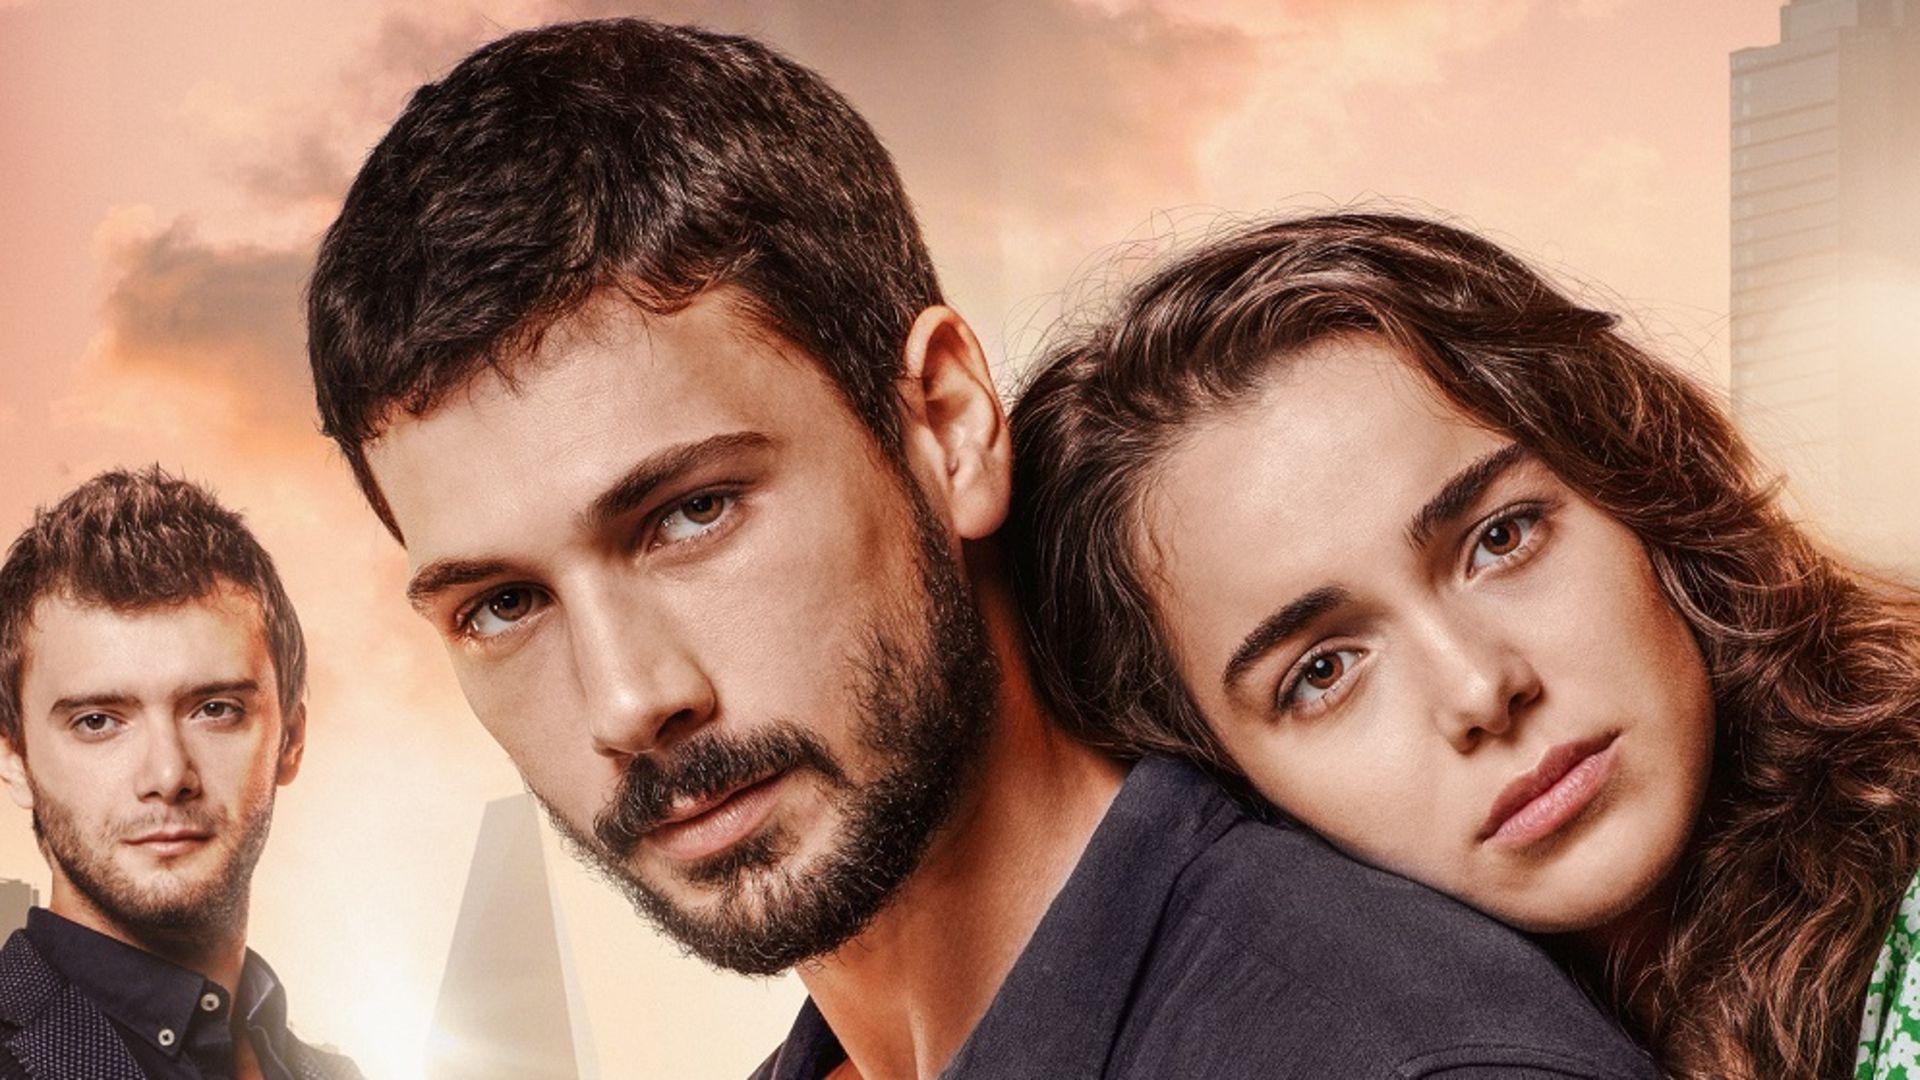 Aşk Ağlatır'ın afişi görücüye çıktı!